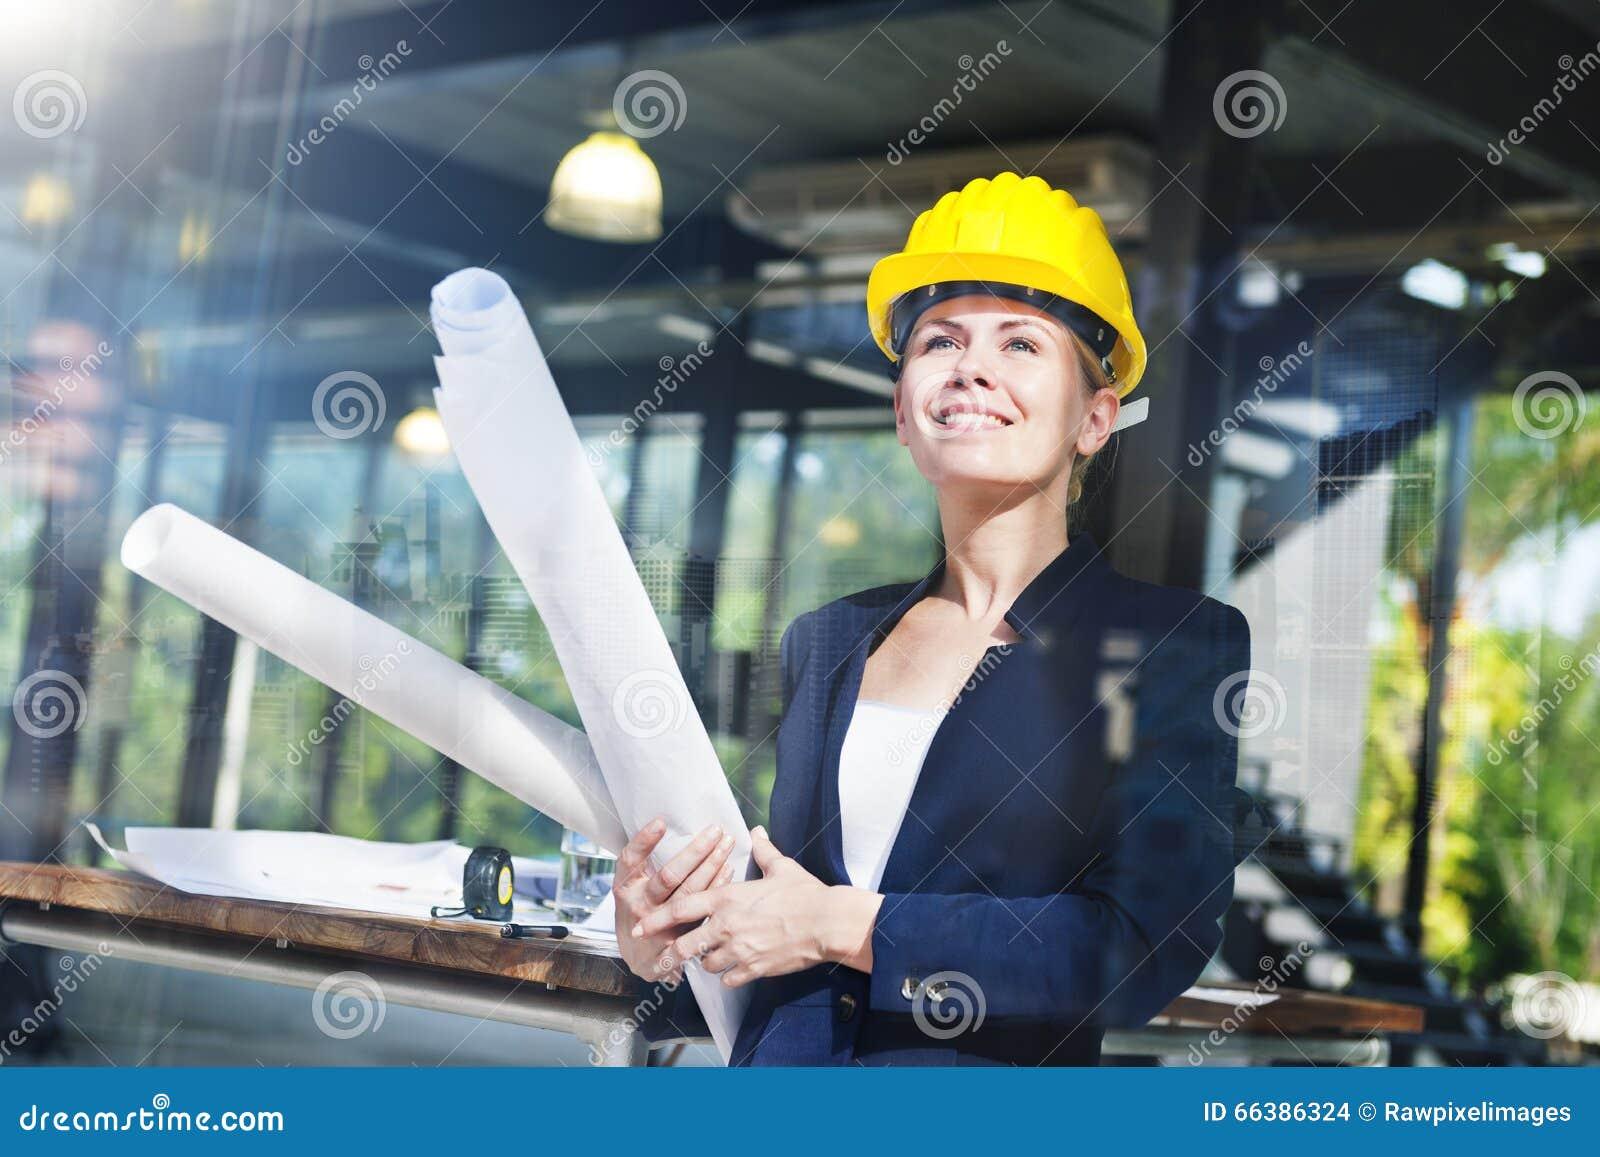 Concepto de diseño interior de la inspiración de la mujer de la ingeniería